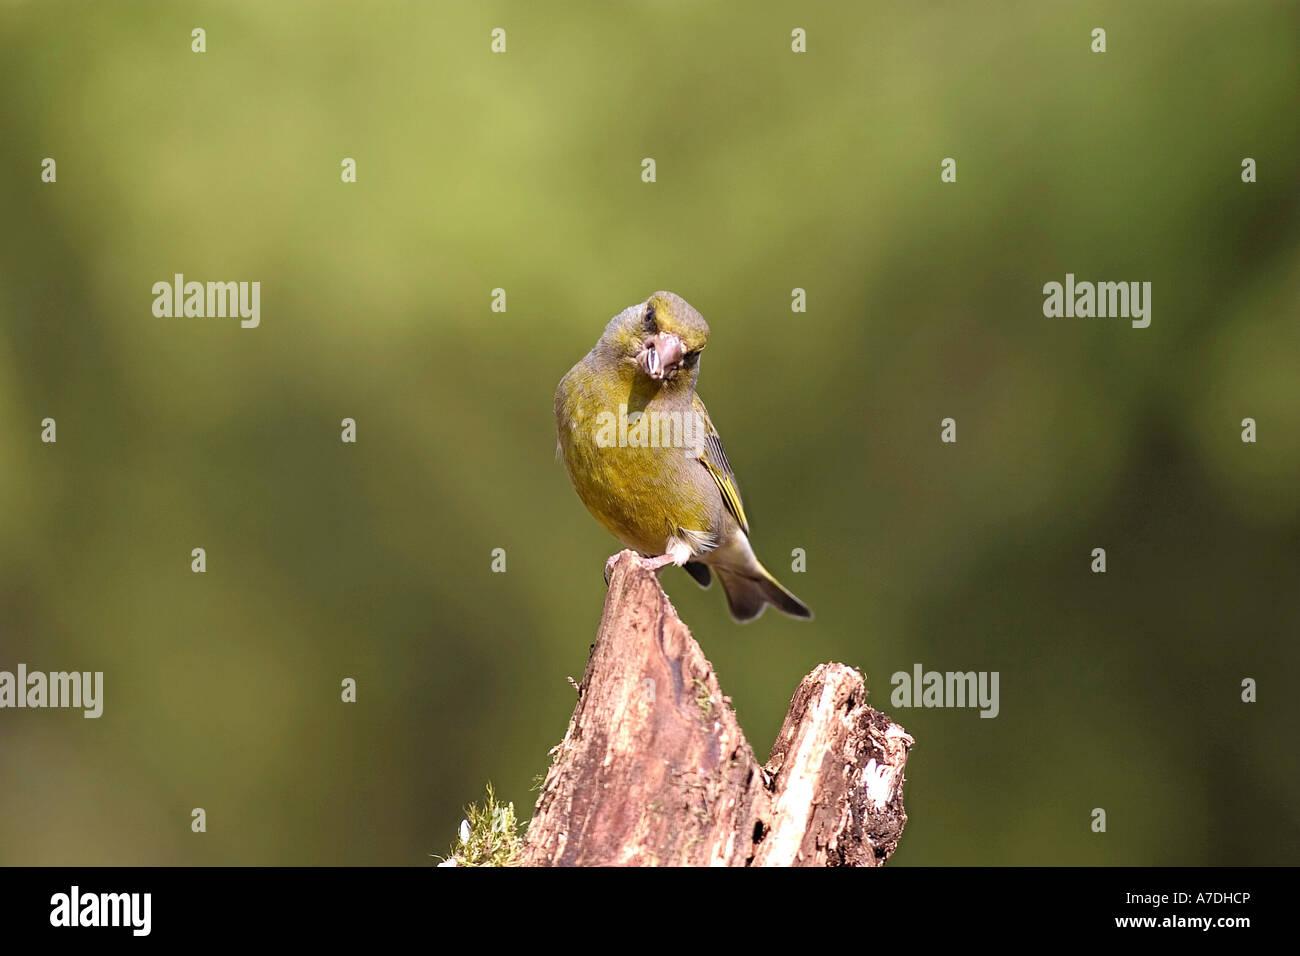 Gruenfink auf dem Baum aufgenommen im Hamra Nationalpark in Schweden Greenfinch Carduelis chloris Gruenfink Europa Stock Photo